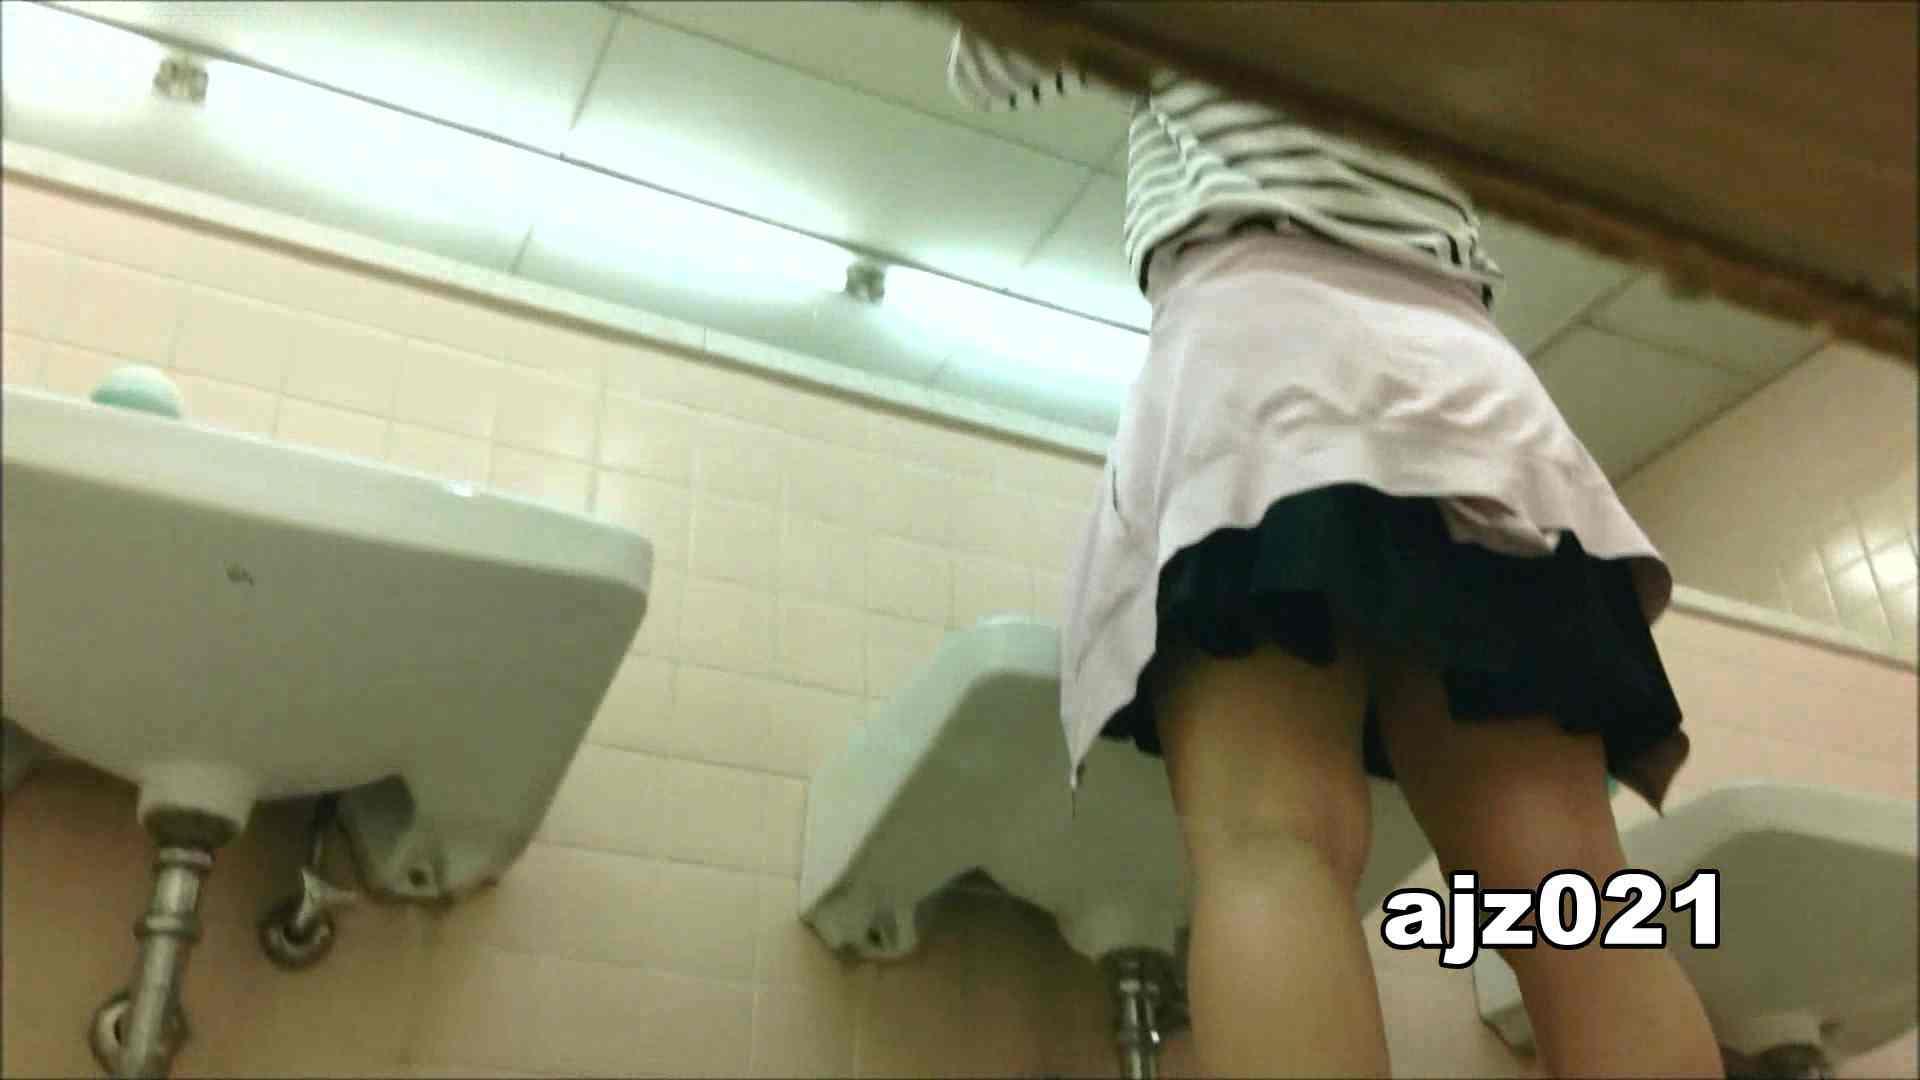 某有名大学女性洗面所 vol.21 OLのボディ スケベ動画紹介 80PIX 62